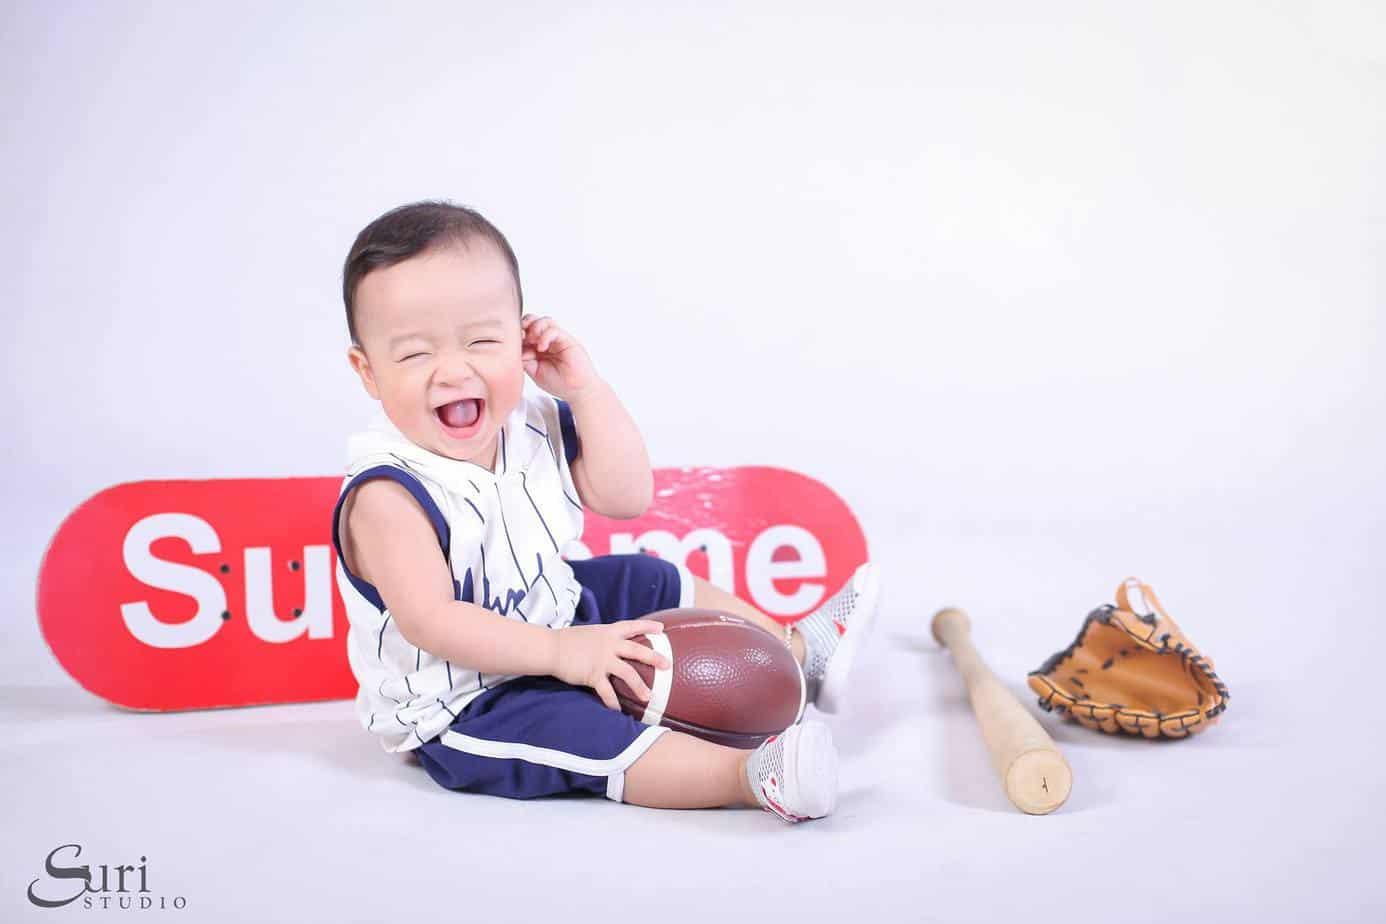 Top 10 Studio Chụp Ảnh Cho Bé Sơ Sinh Tại Nhà Được Yêu Thích Nhất - studio chụp ảnh cho bé sơ sinh tại nhà - Aloha Baby Studio | Ảnh Viện Suri Việt Nam | Bống Baby House 75